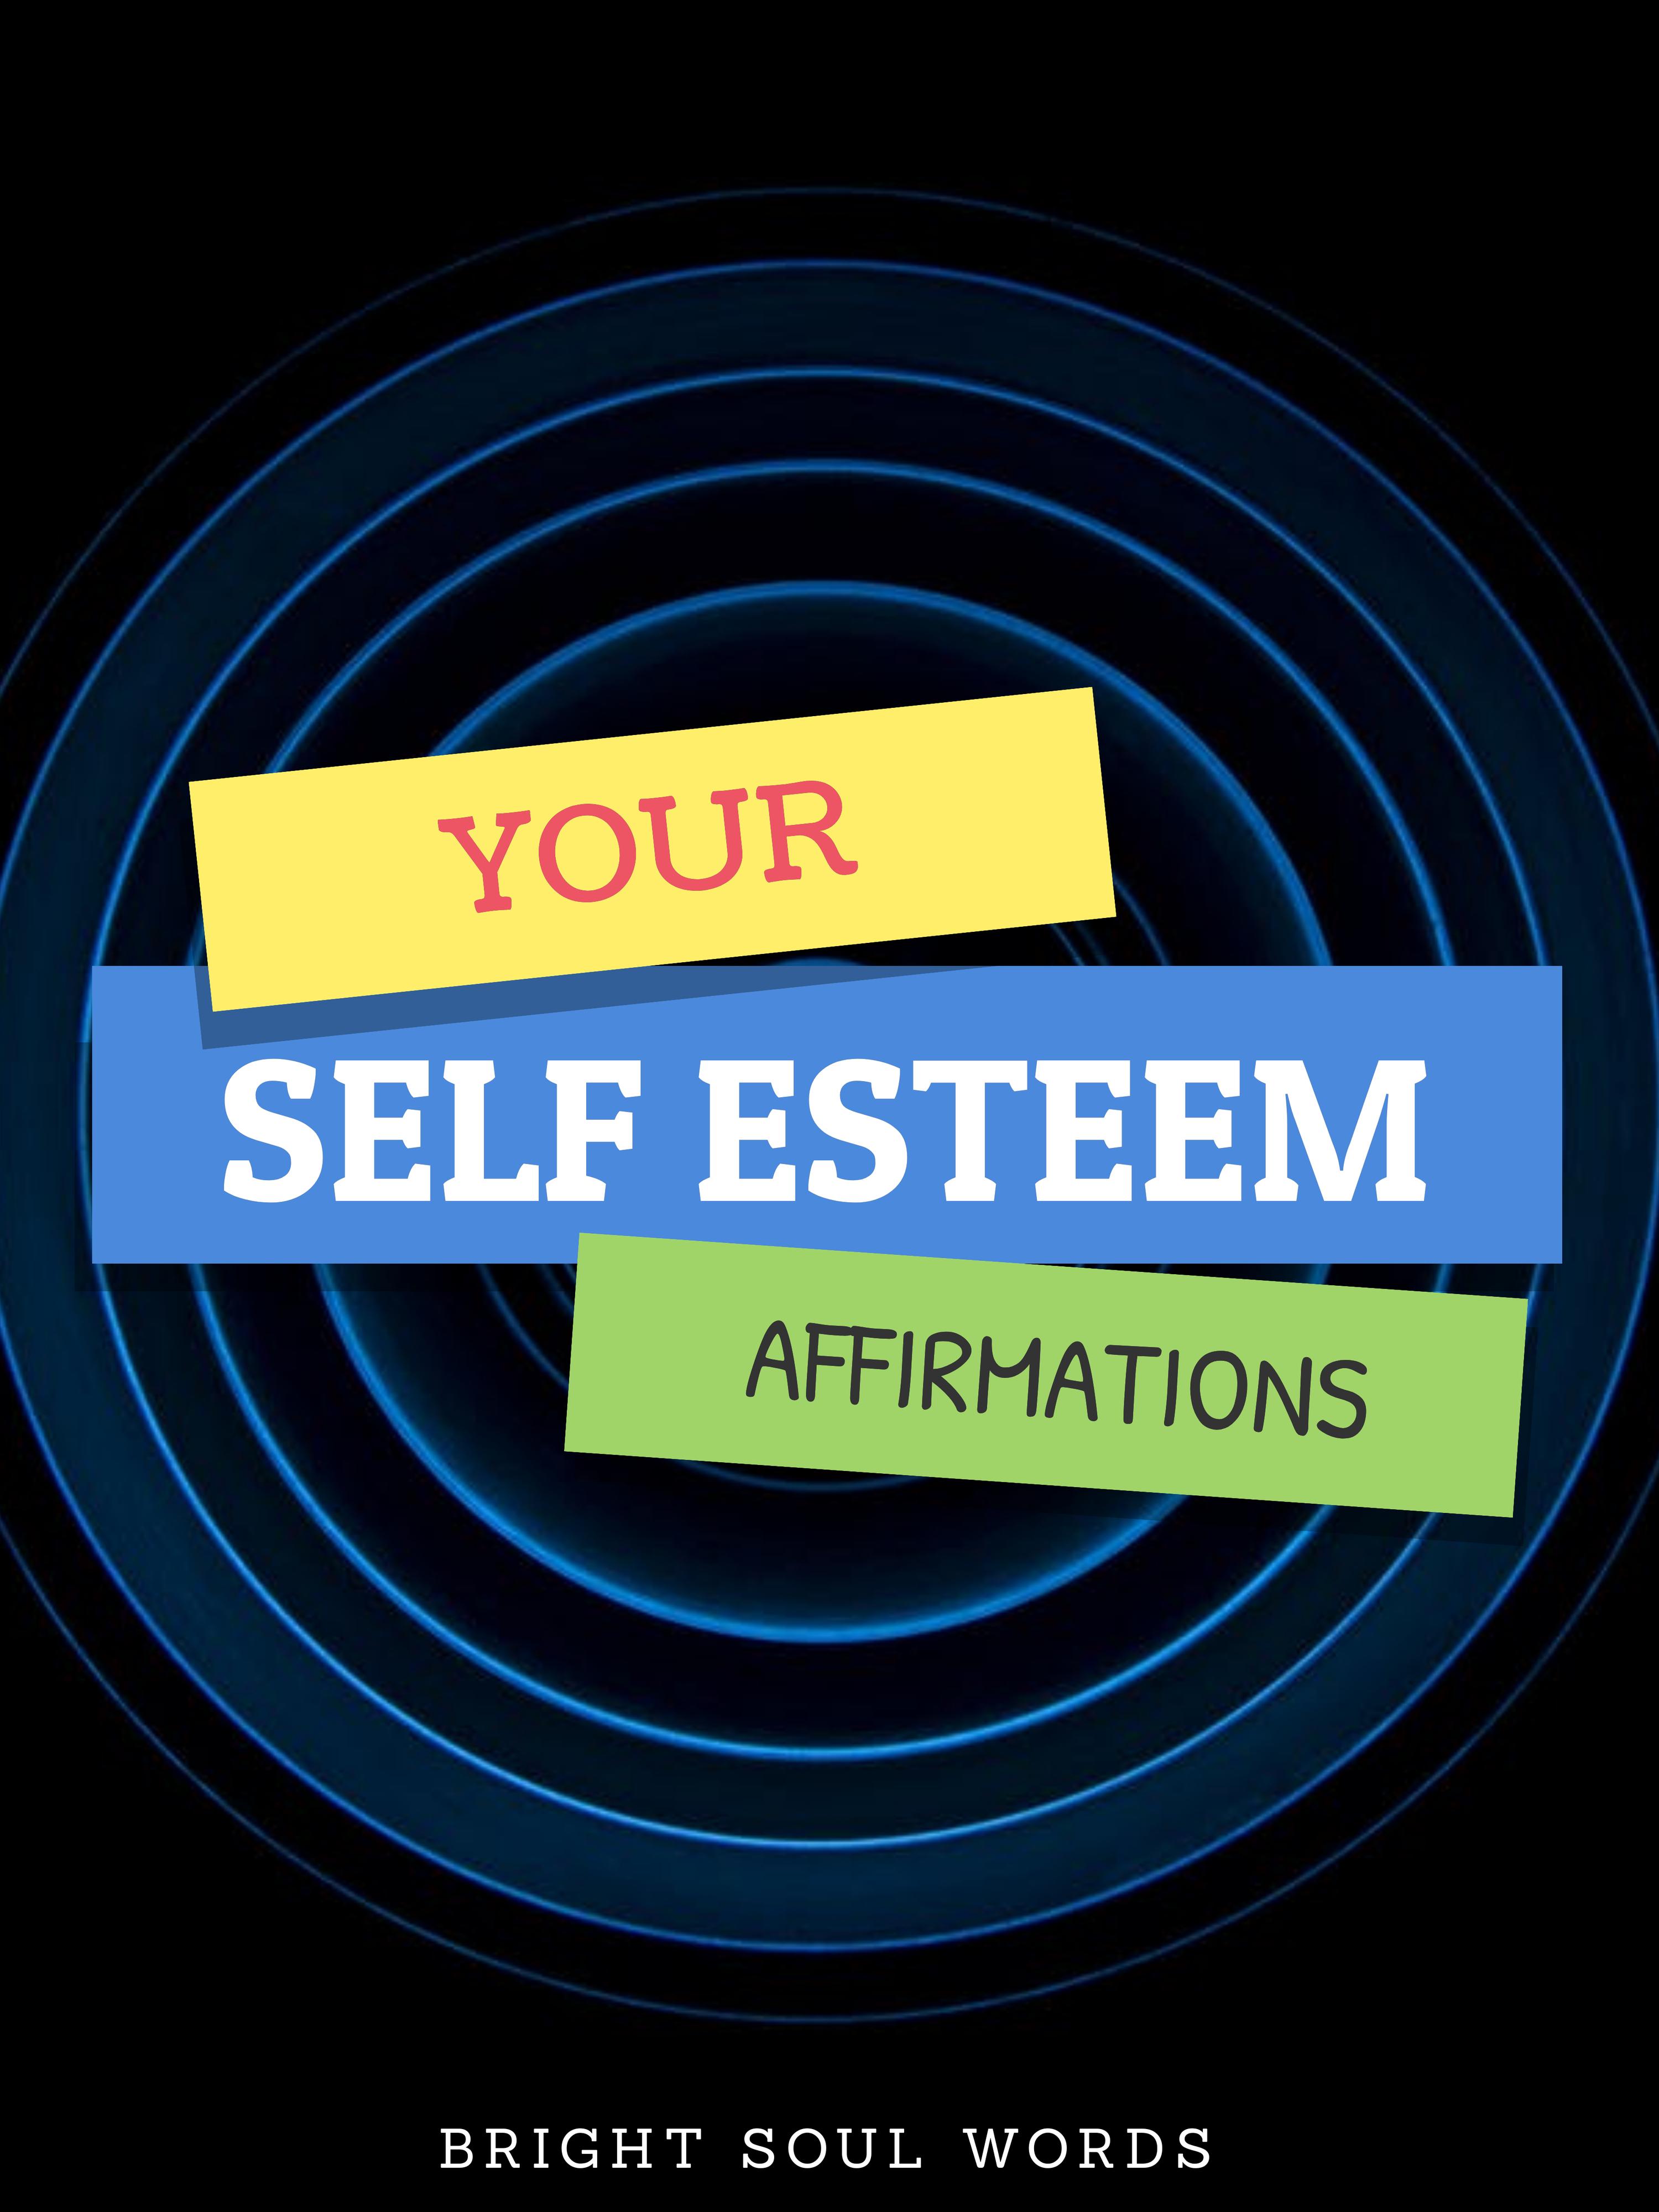 Your Self Esteem Affirmations